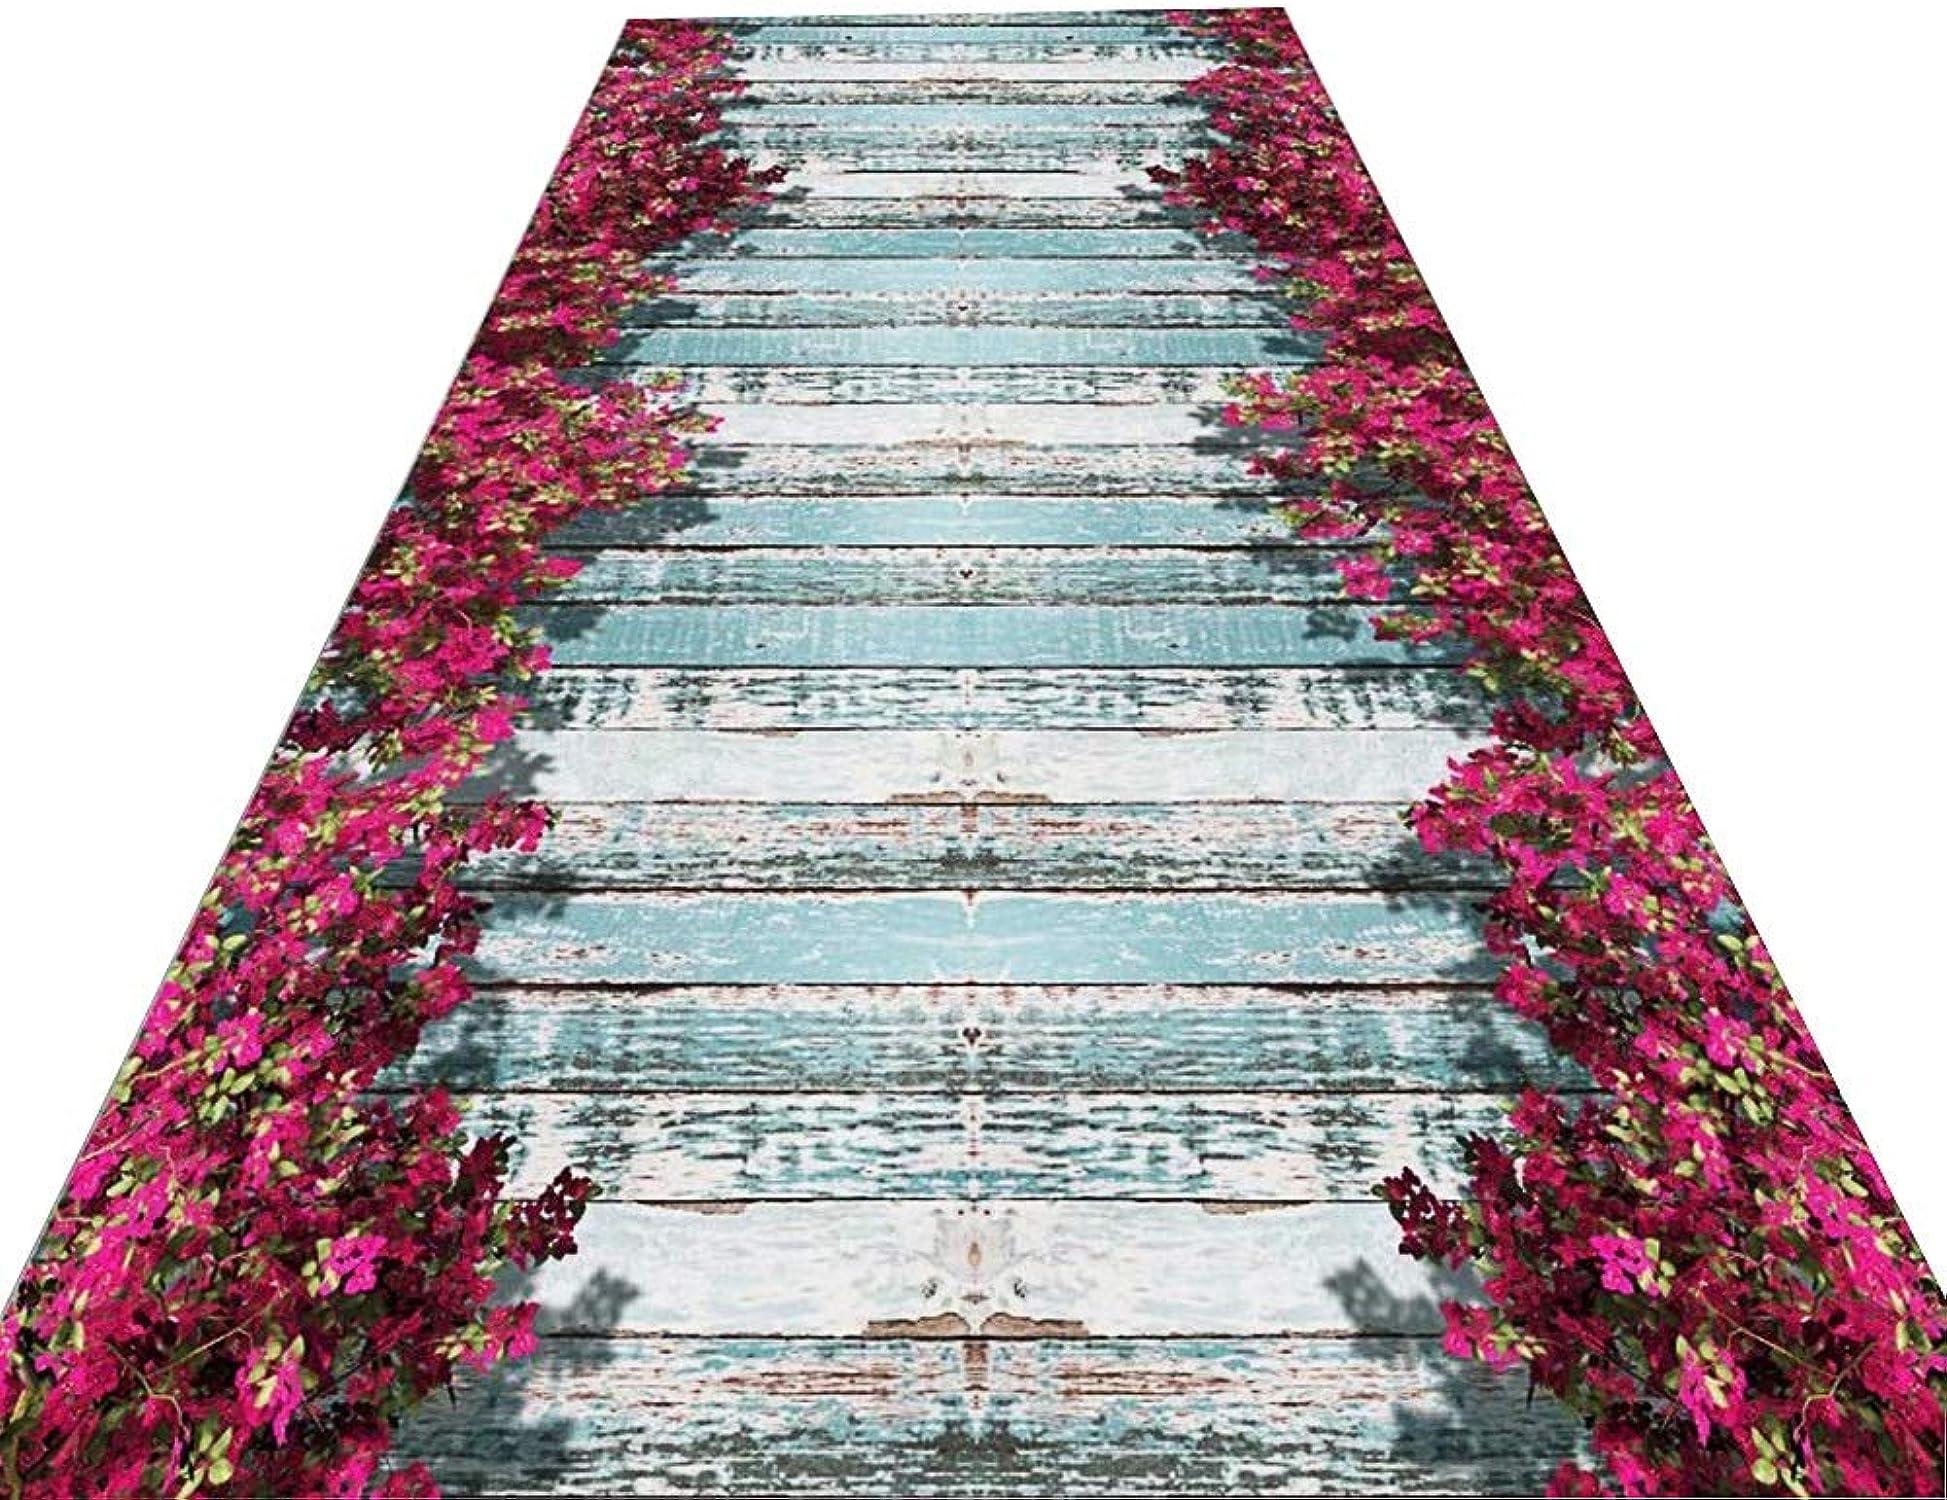 precios razonables ZHAOHUI-alfombras pasillo Corrojoor Corrojoor Corrojoor Impresión 3D Mancha Resistente A La DeColoración Antideslizante Lavar A Maquina, Personalizado, Opcional Multi-tamao (Color   A, Tamao   0.8x2m)  Los mejores precios y los estilos más frescos.